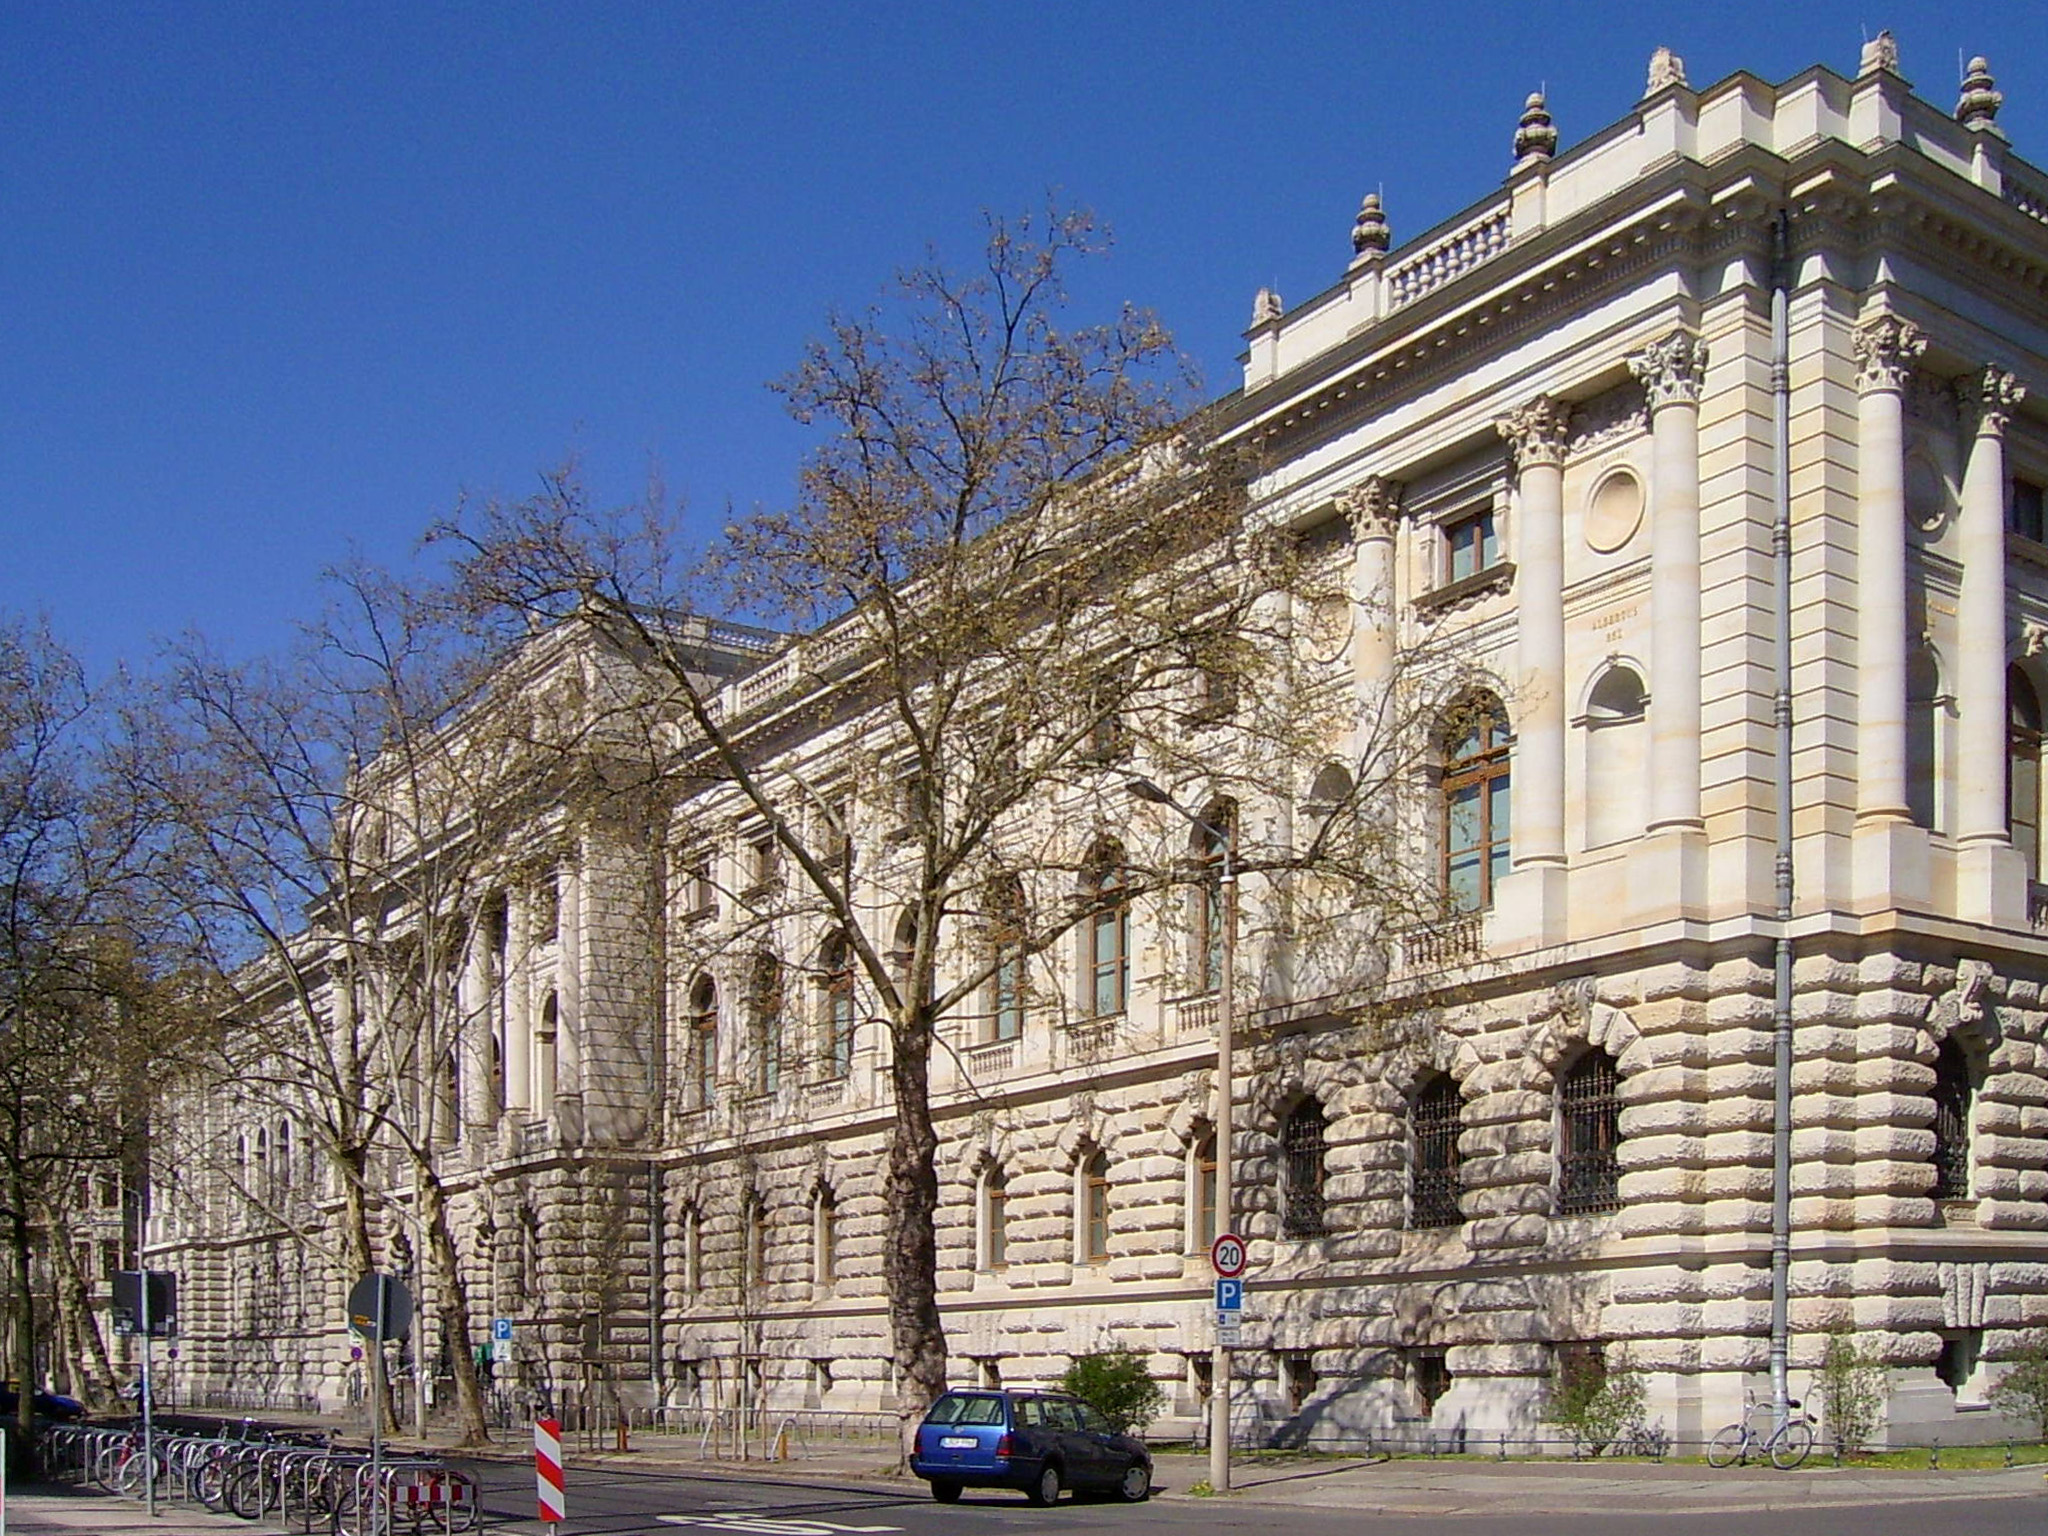 image of Leipzig University